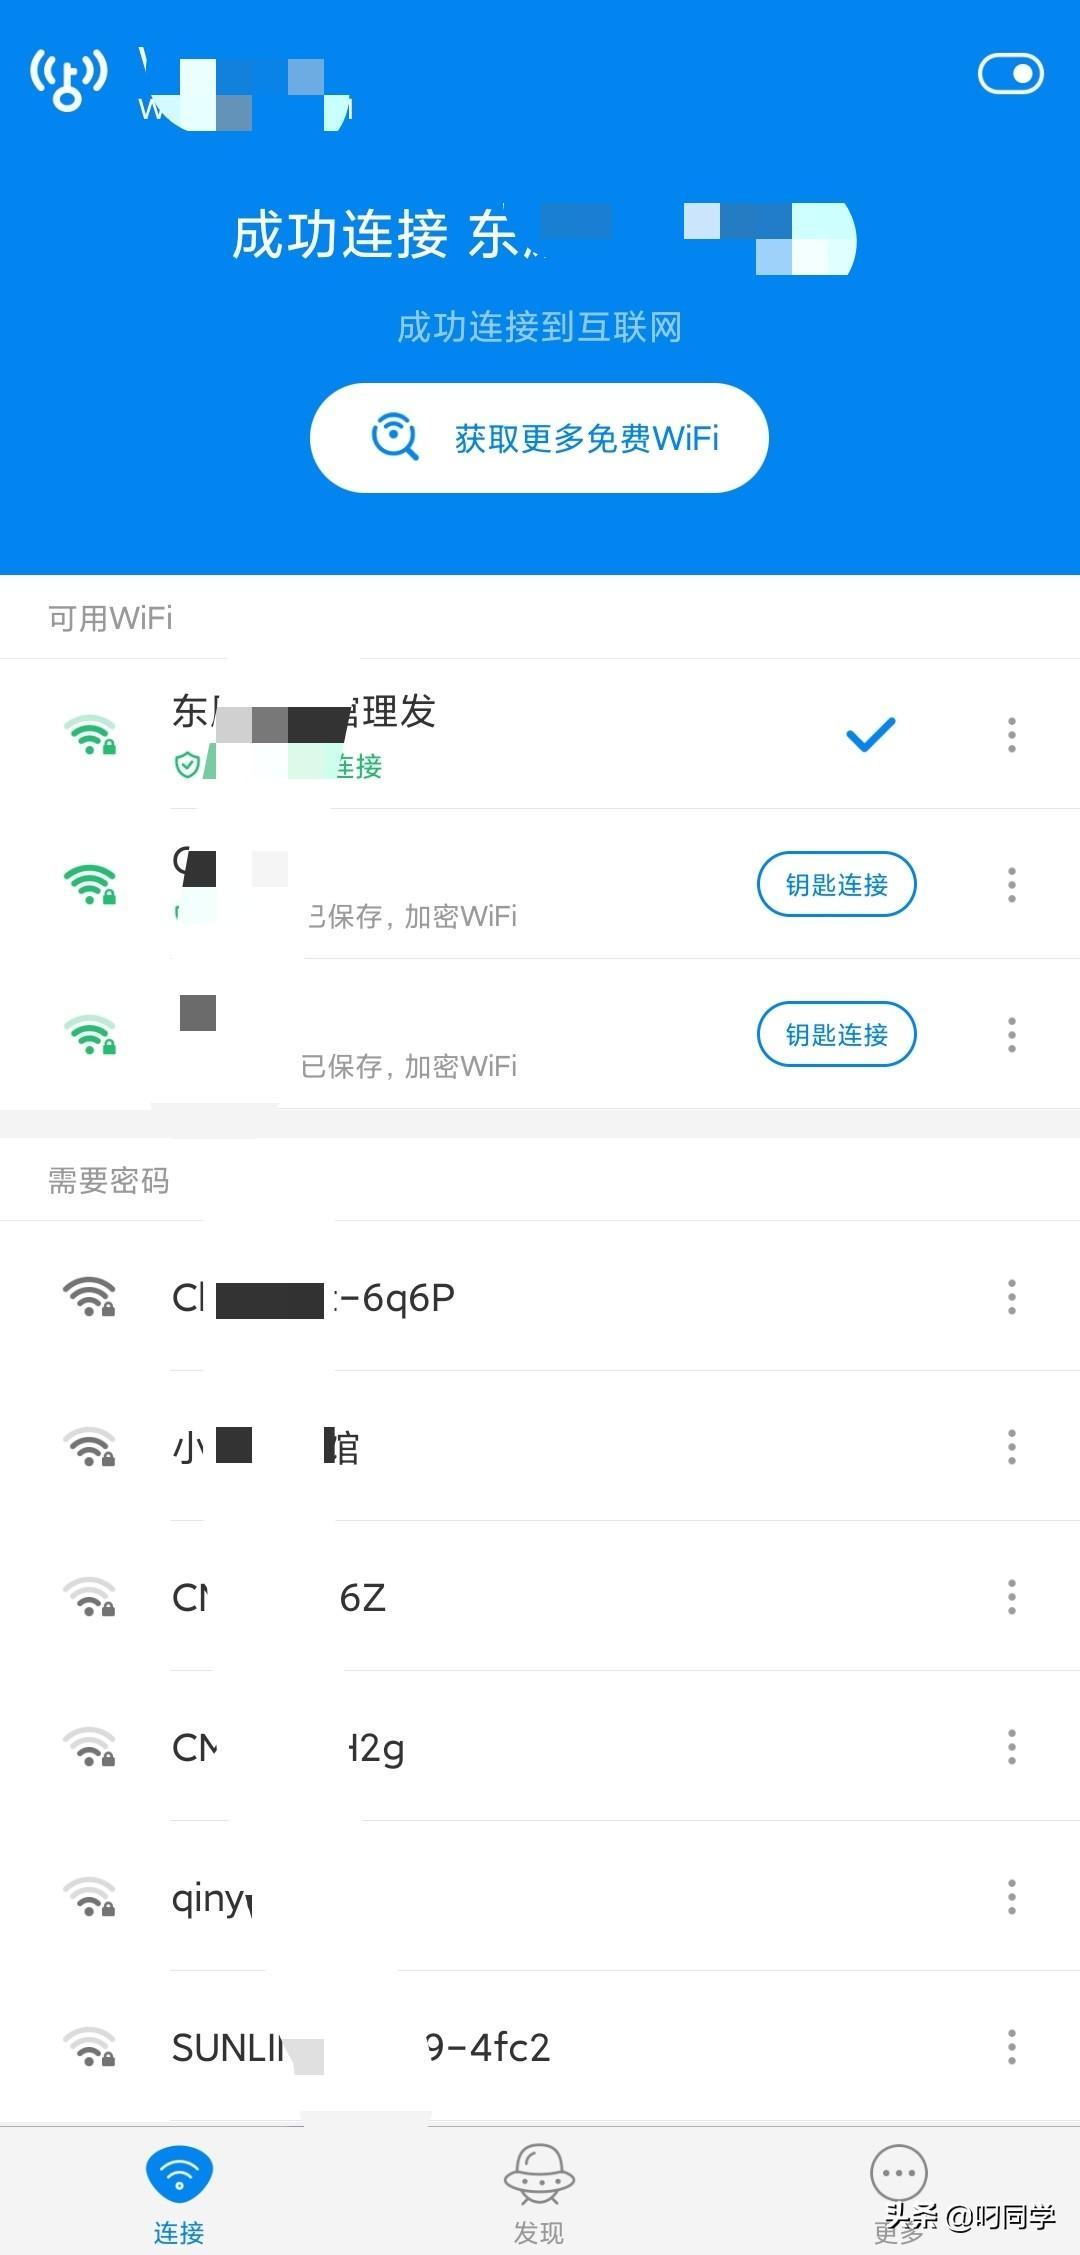 [必备]WiFi万能钥匙清新版,绿色无其他内容!支持安卓10